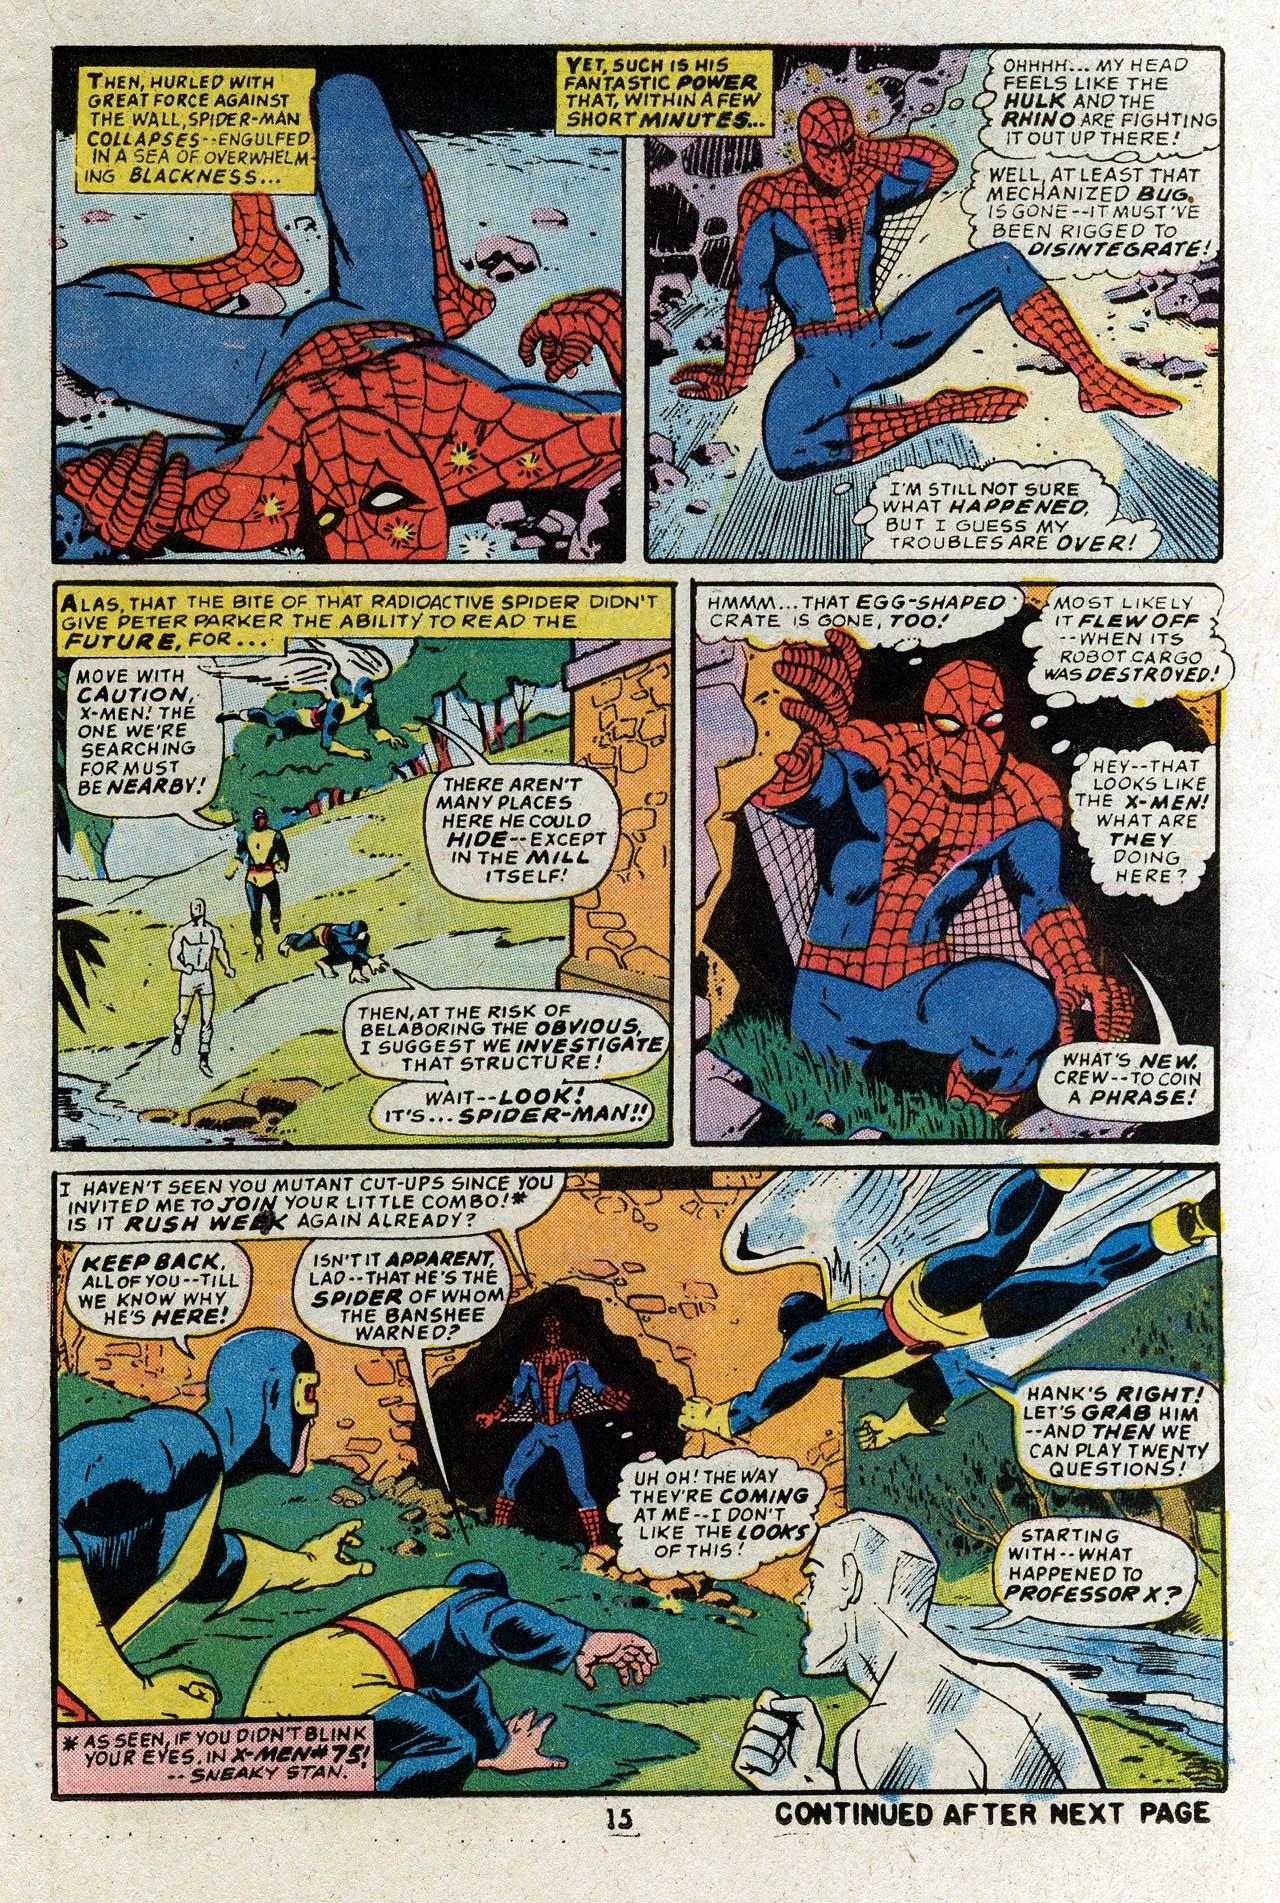 Read online Uncanny X-Men (1963) comic -  Issue #83 - 17